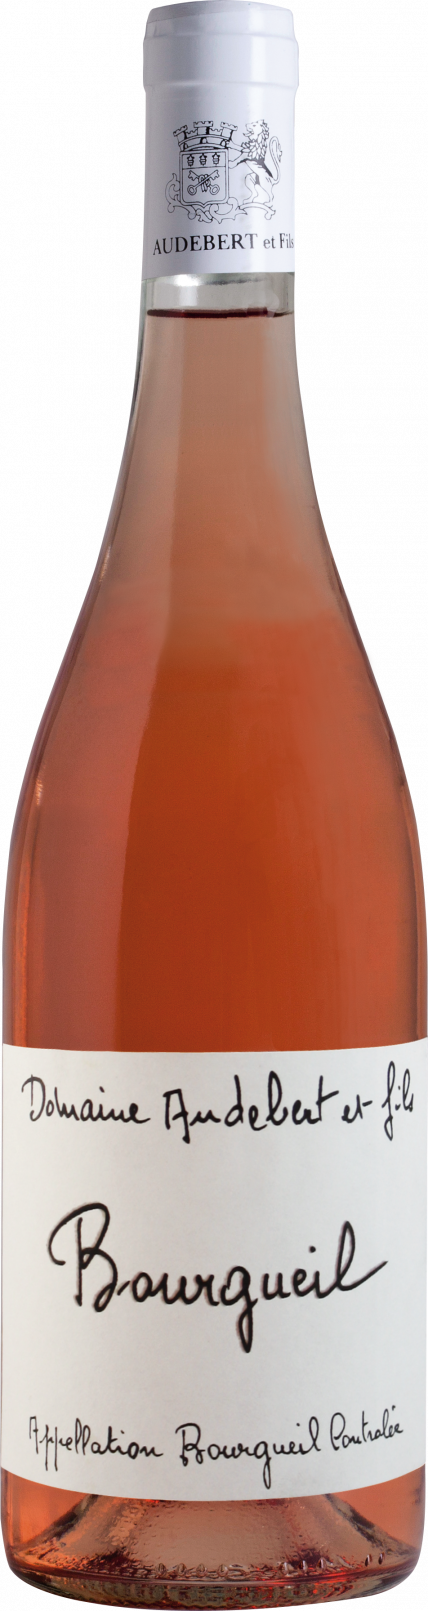 Bourgueil Rosé 2019 - 375 ml